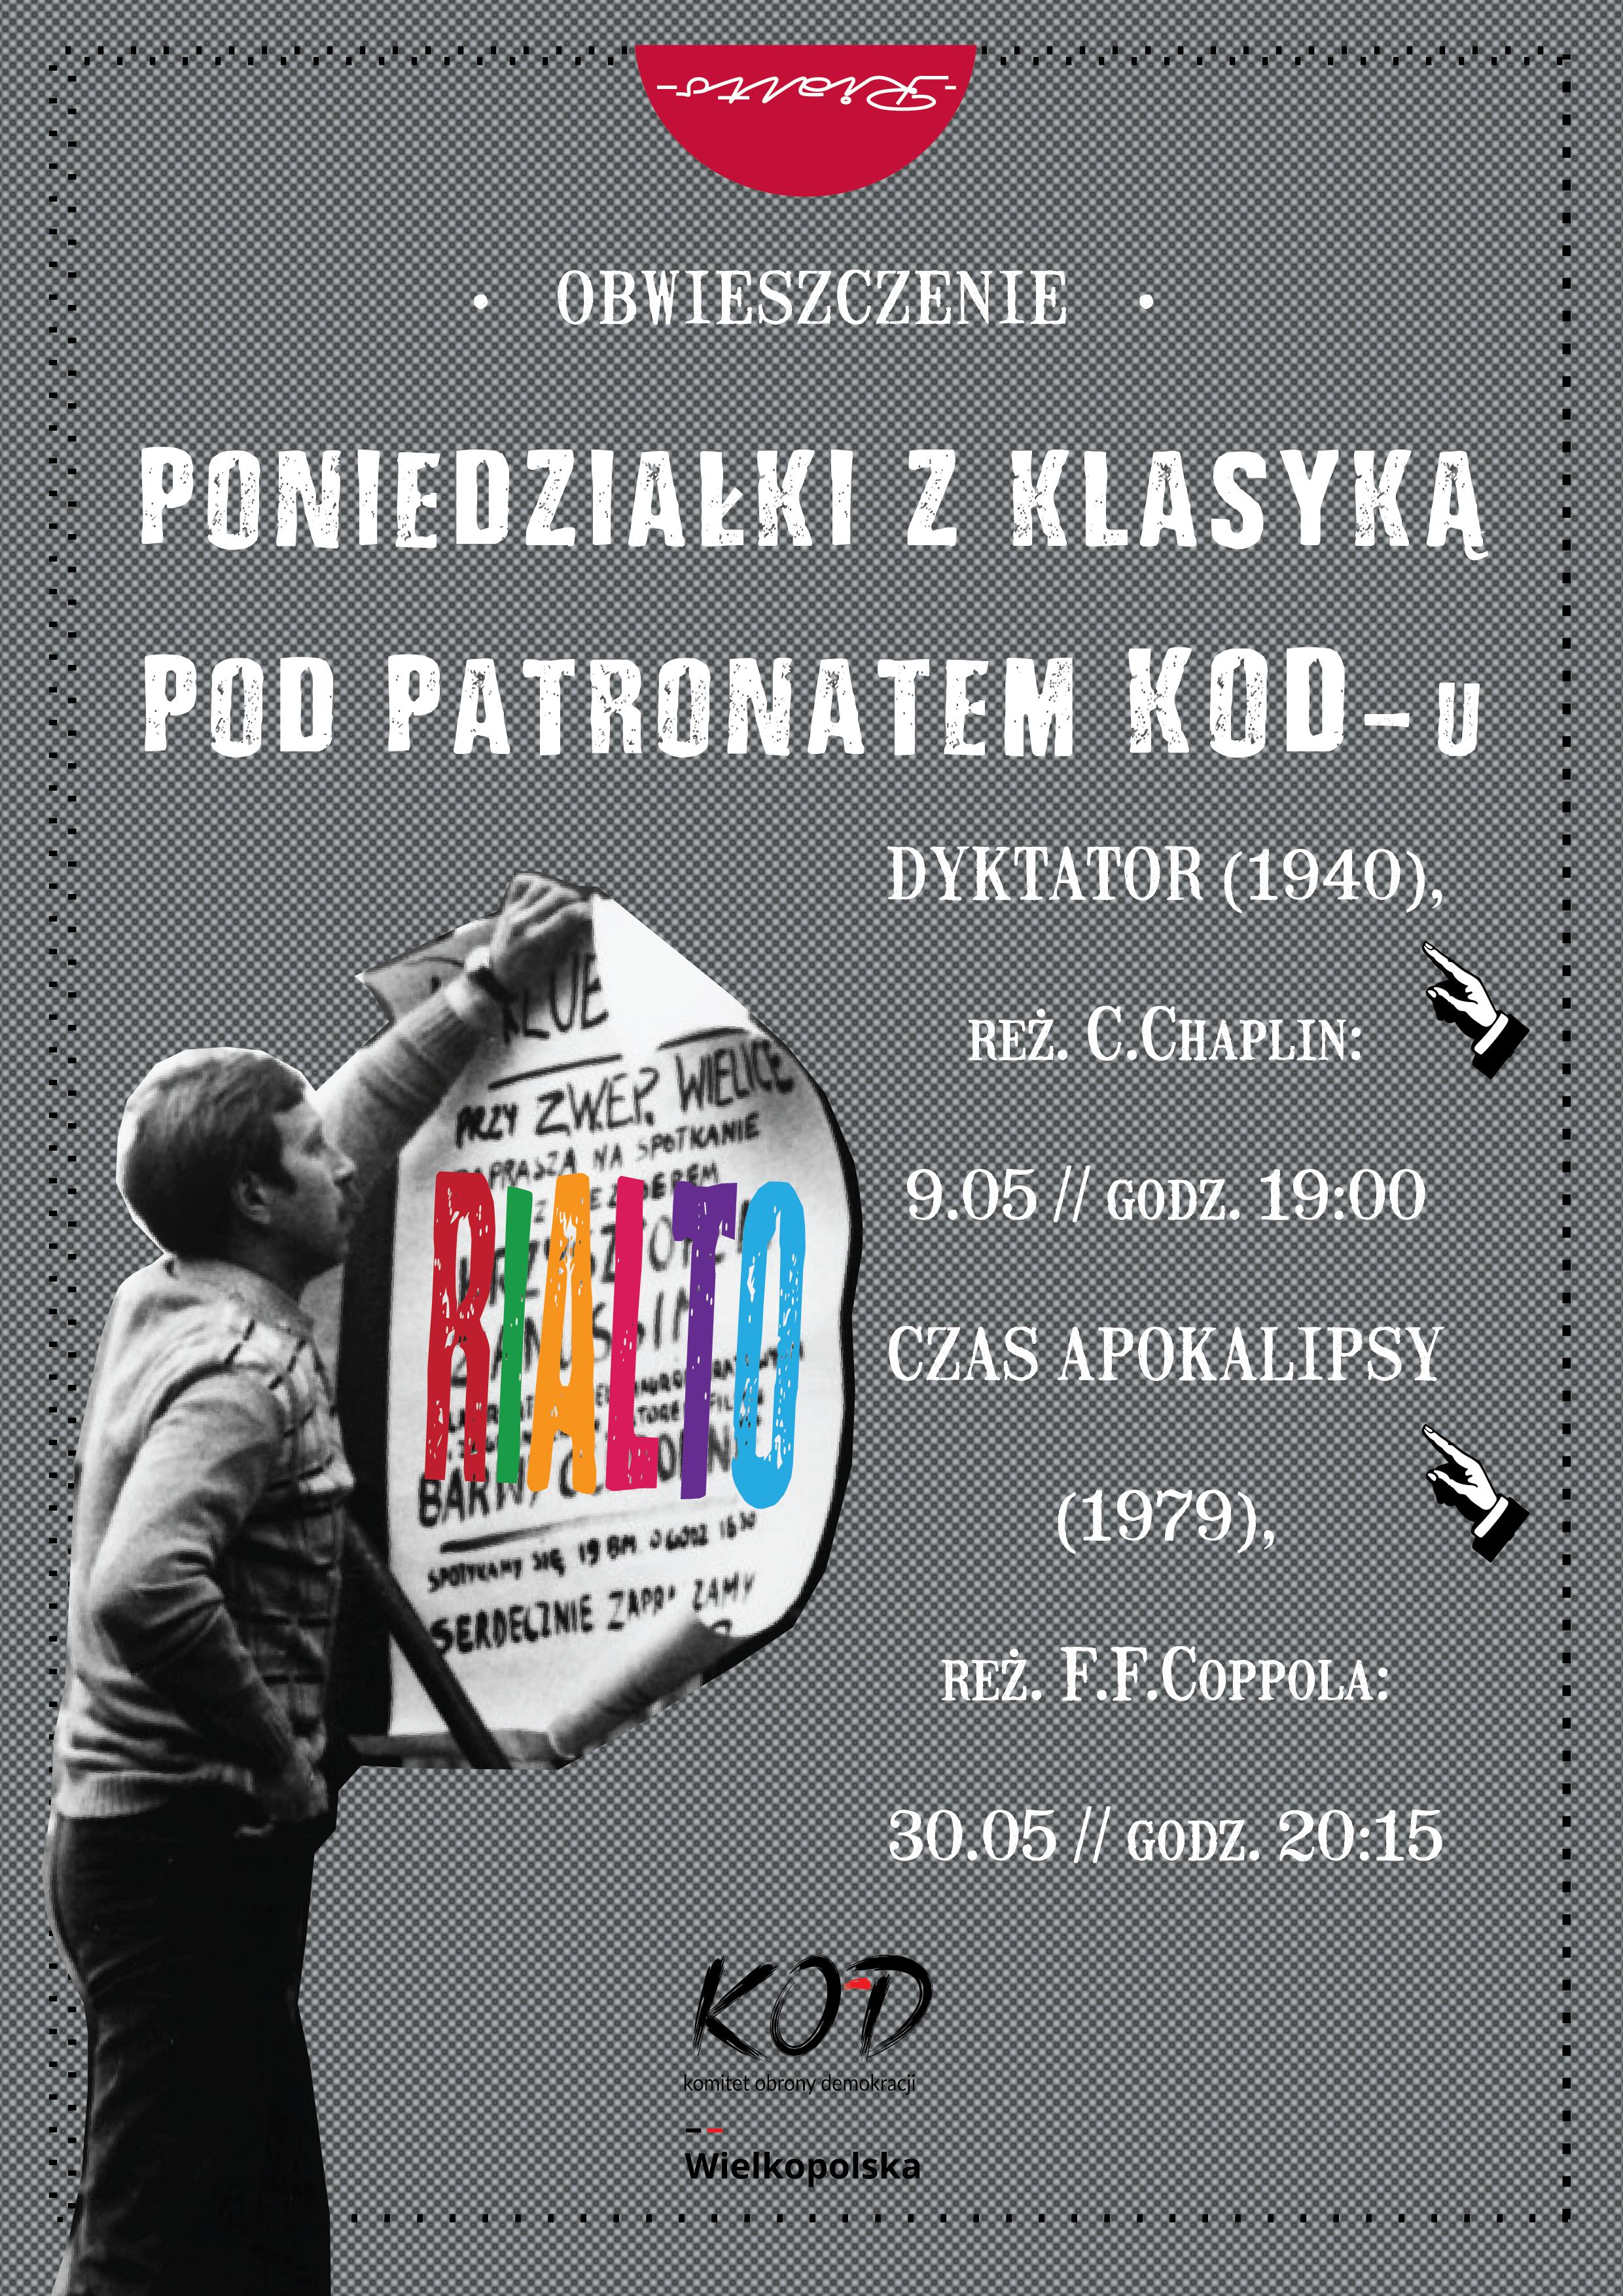 pon_kod_1